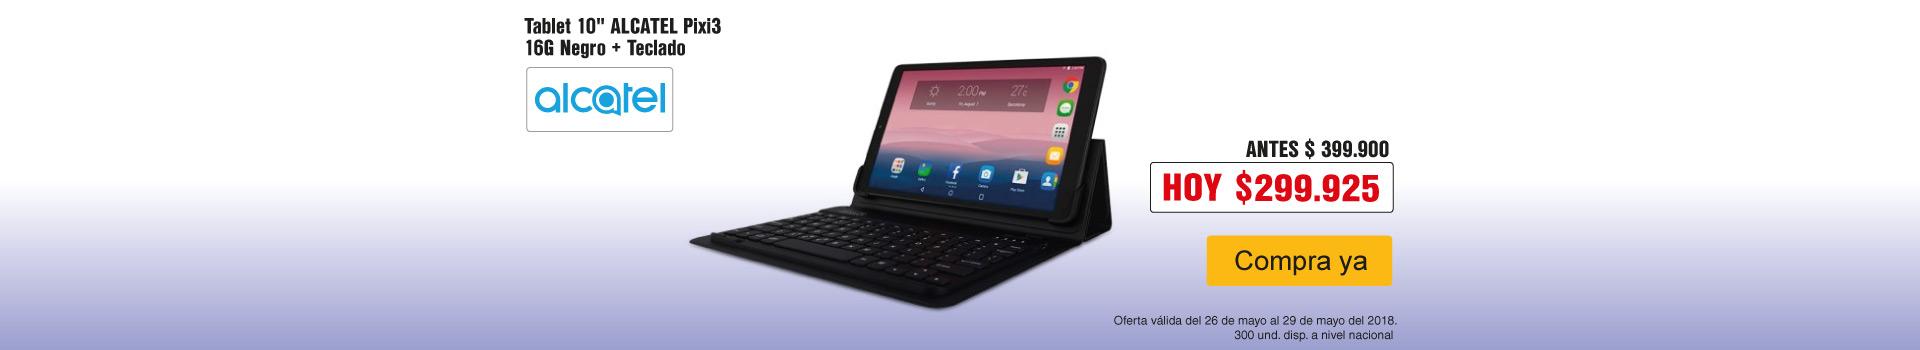 AK-KT-BCAT-1-computadores y tablets-tablets-PP---Alcatel-Pixi3 16G -May26